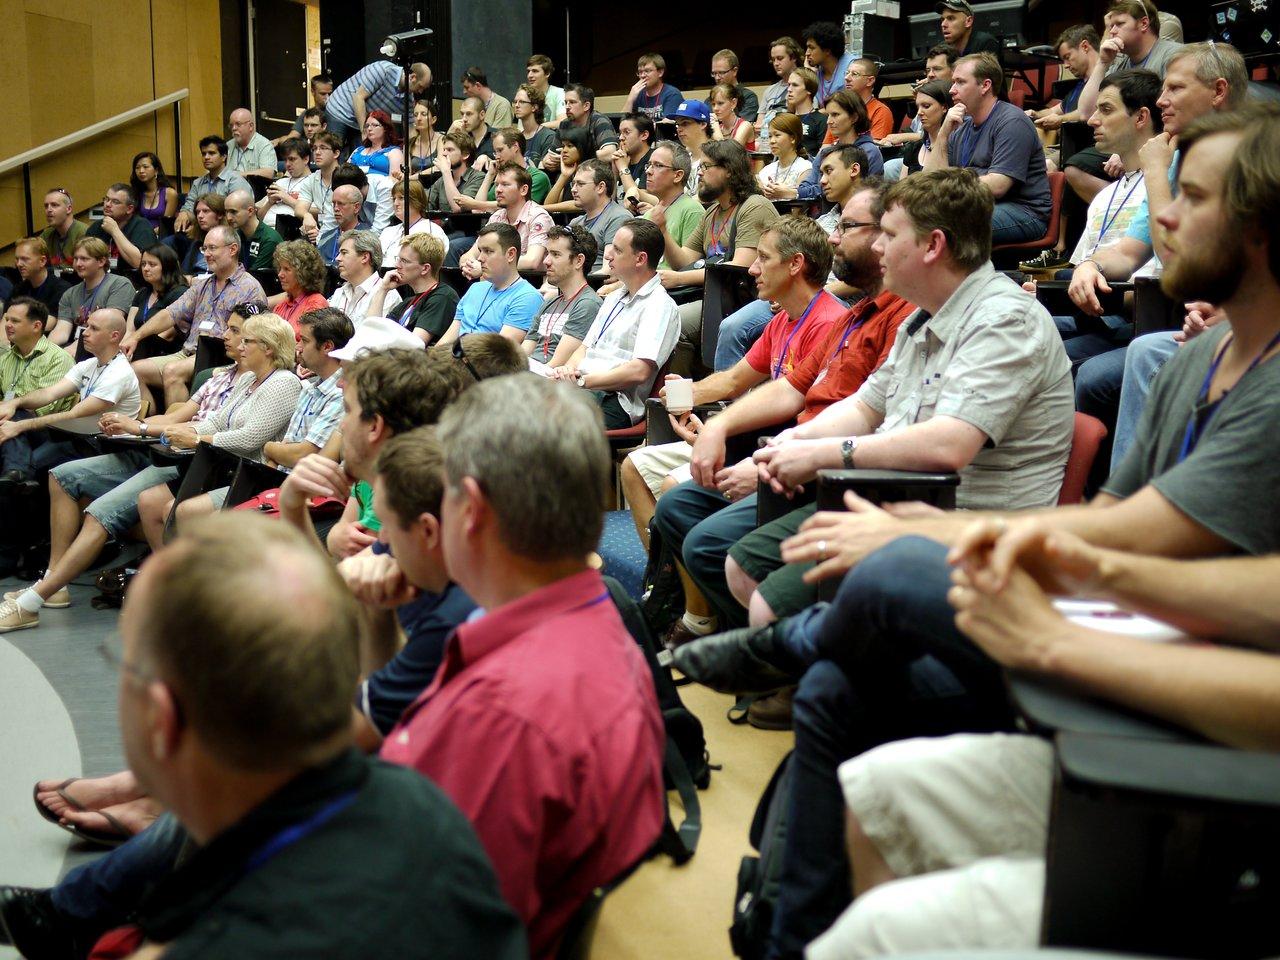 Drupal downunder conference